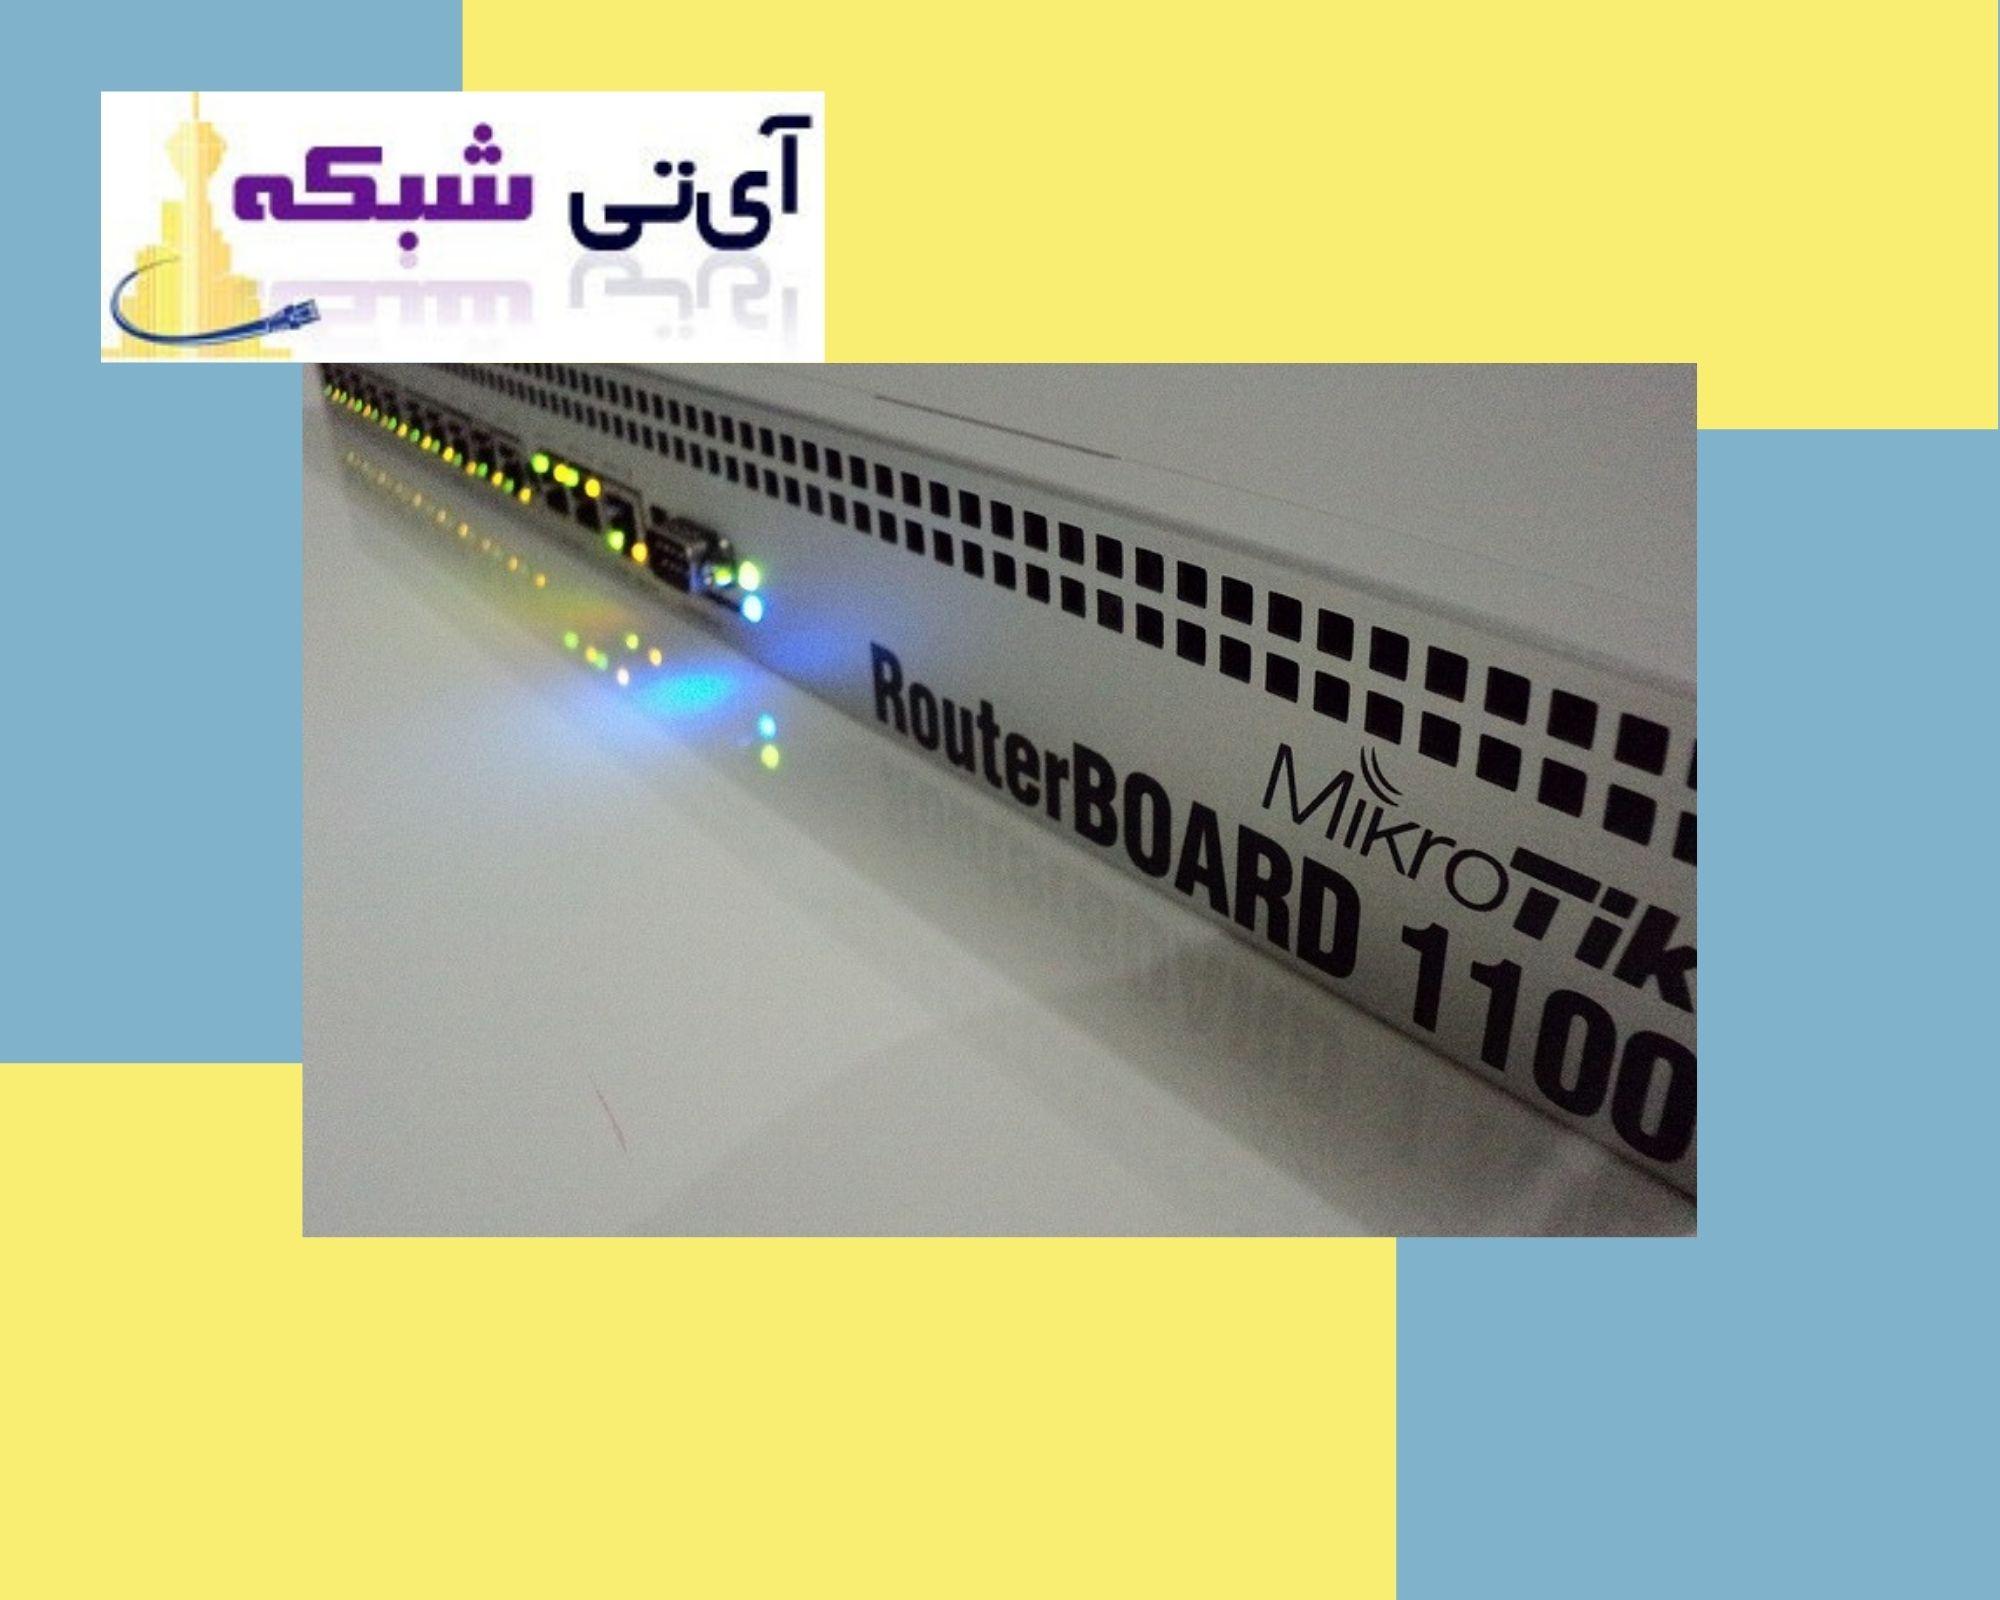 روتر- میکرو- تک- ای - تی - شبکه